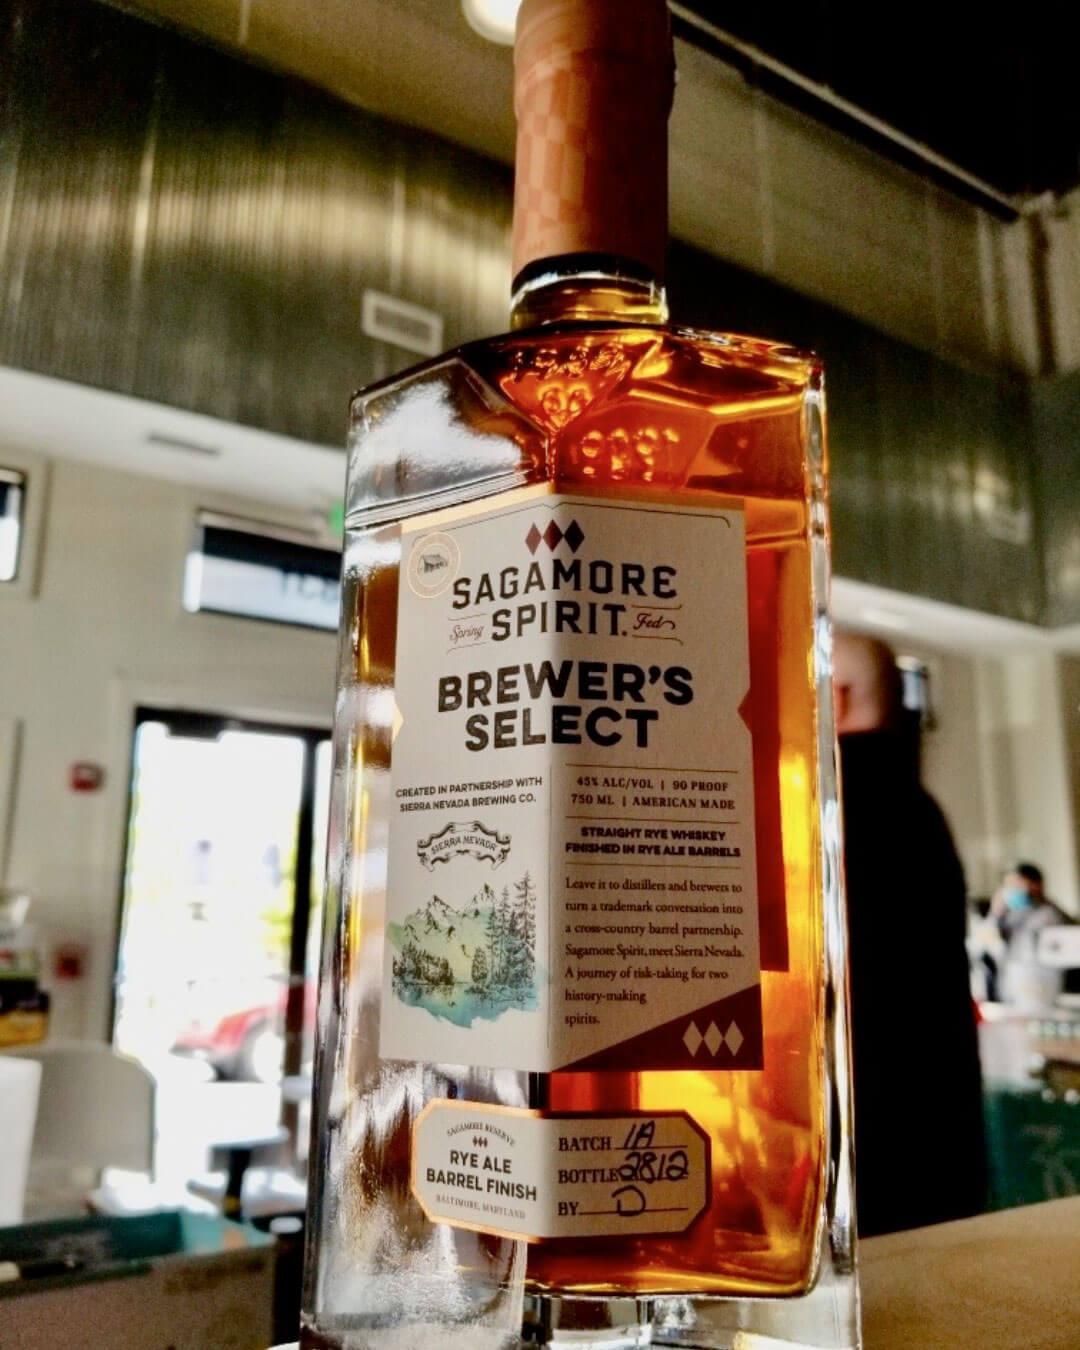 750 ml bottle of Sagamore Spirit Brewer's Select Rye Ale Barrel Finish